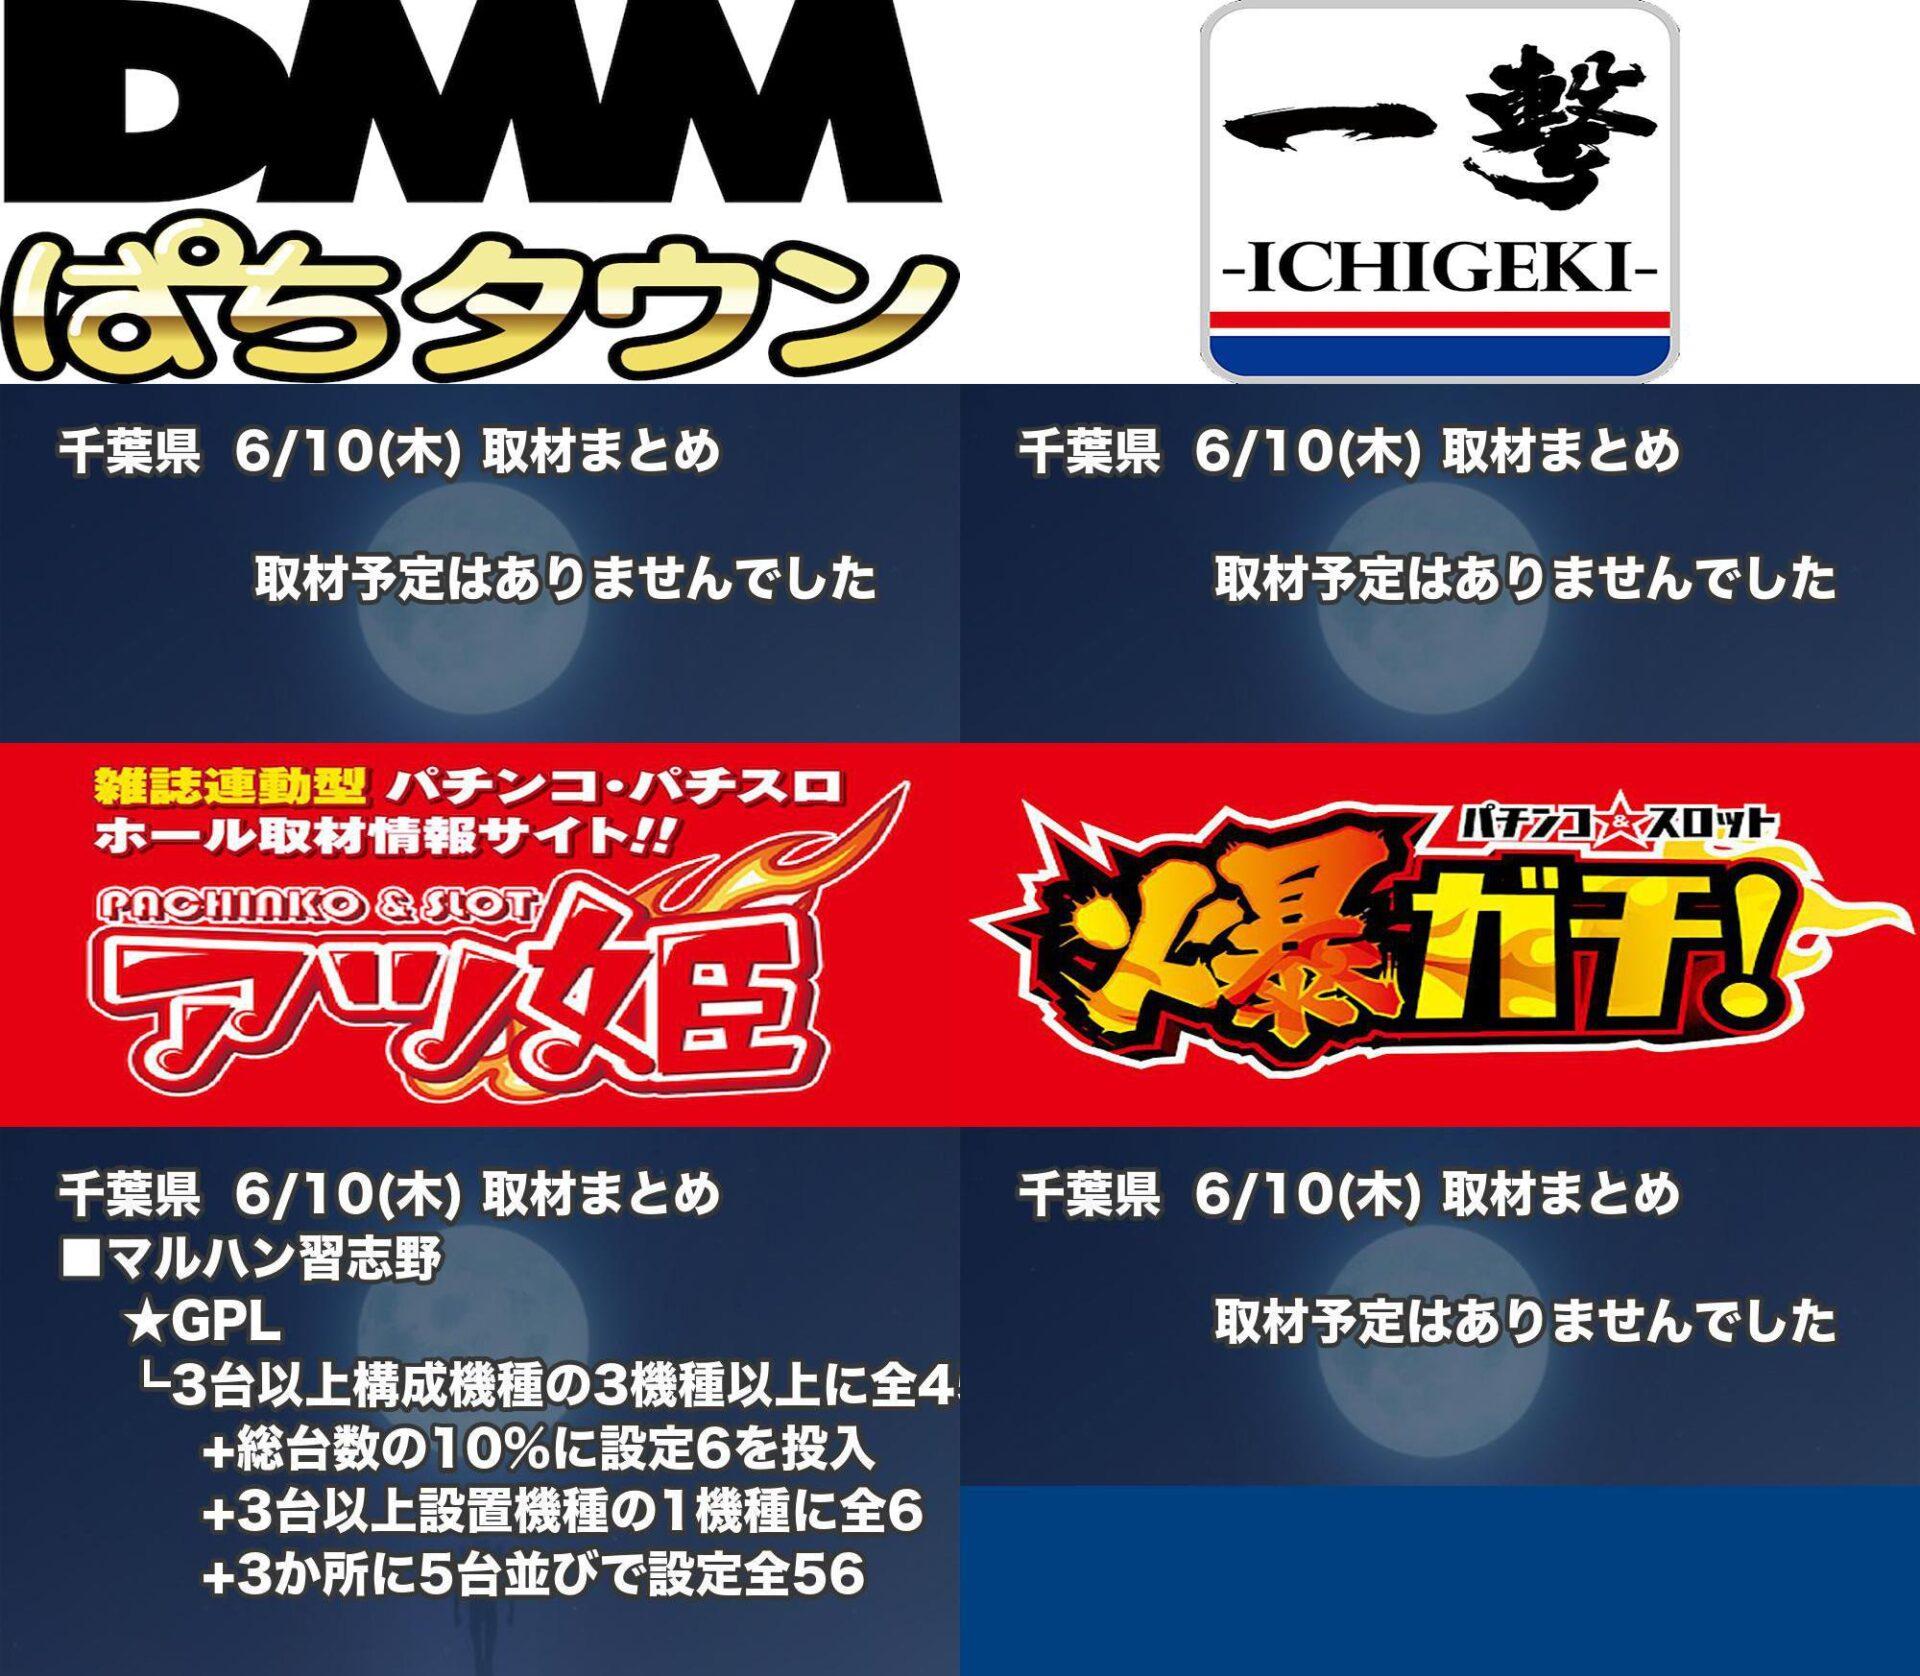 千葉県_2021-06-10_パチンコ・パチスロ_イベント